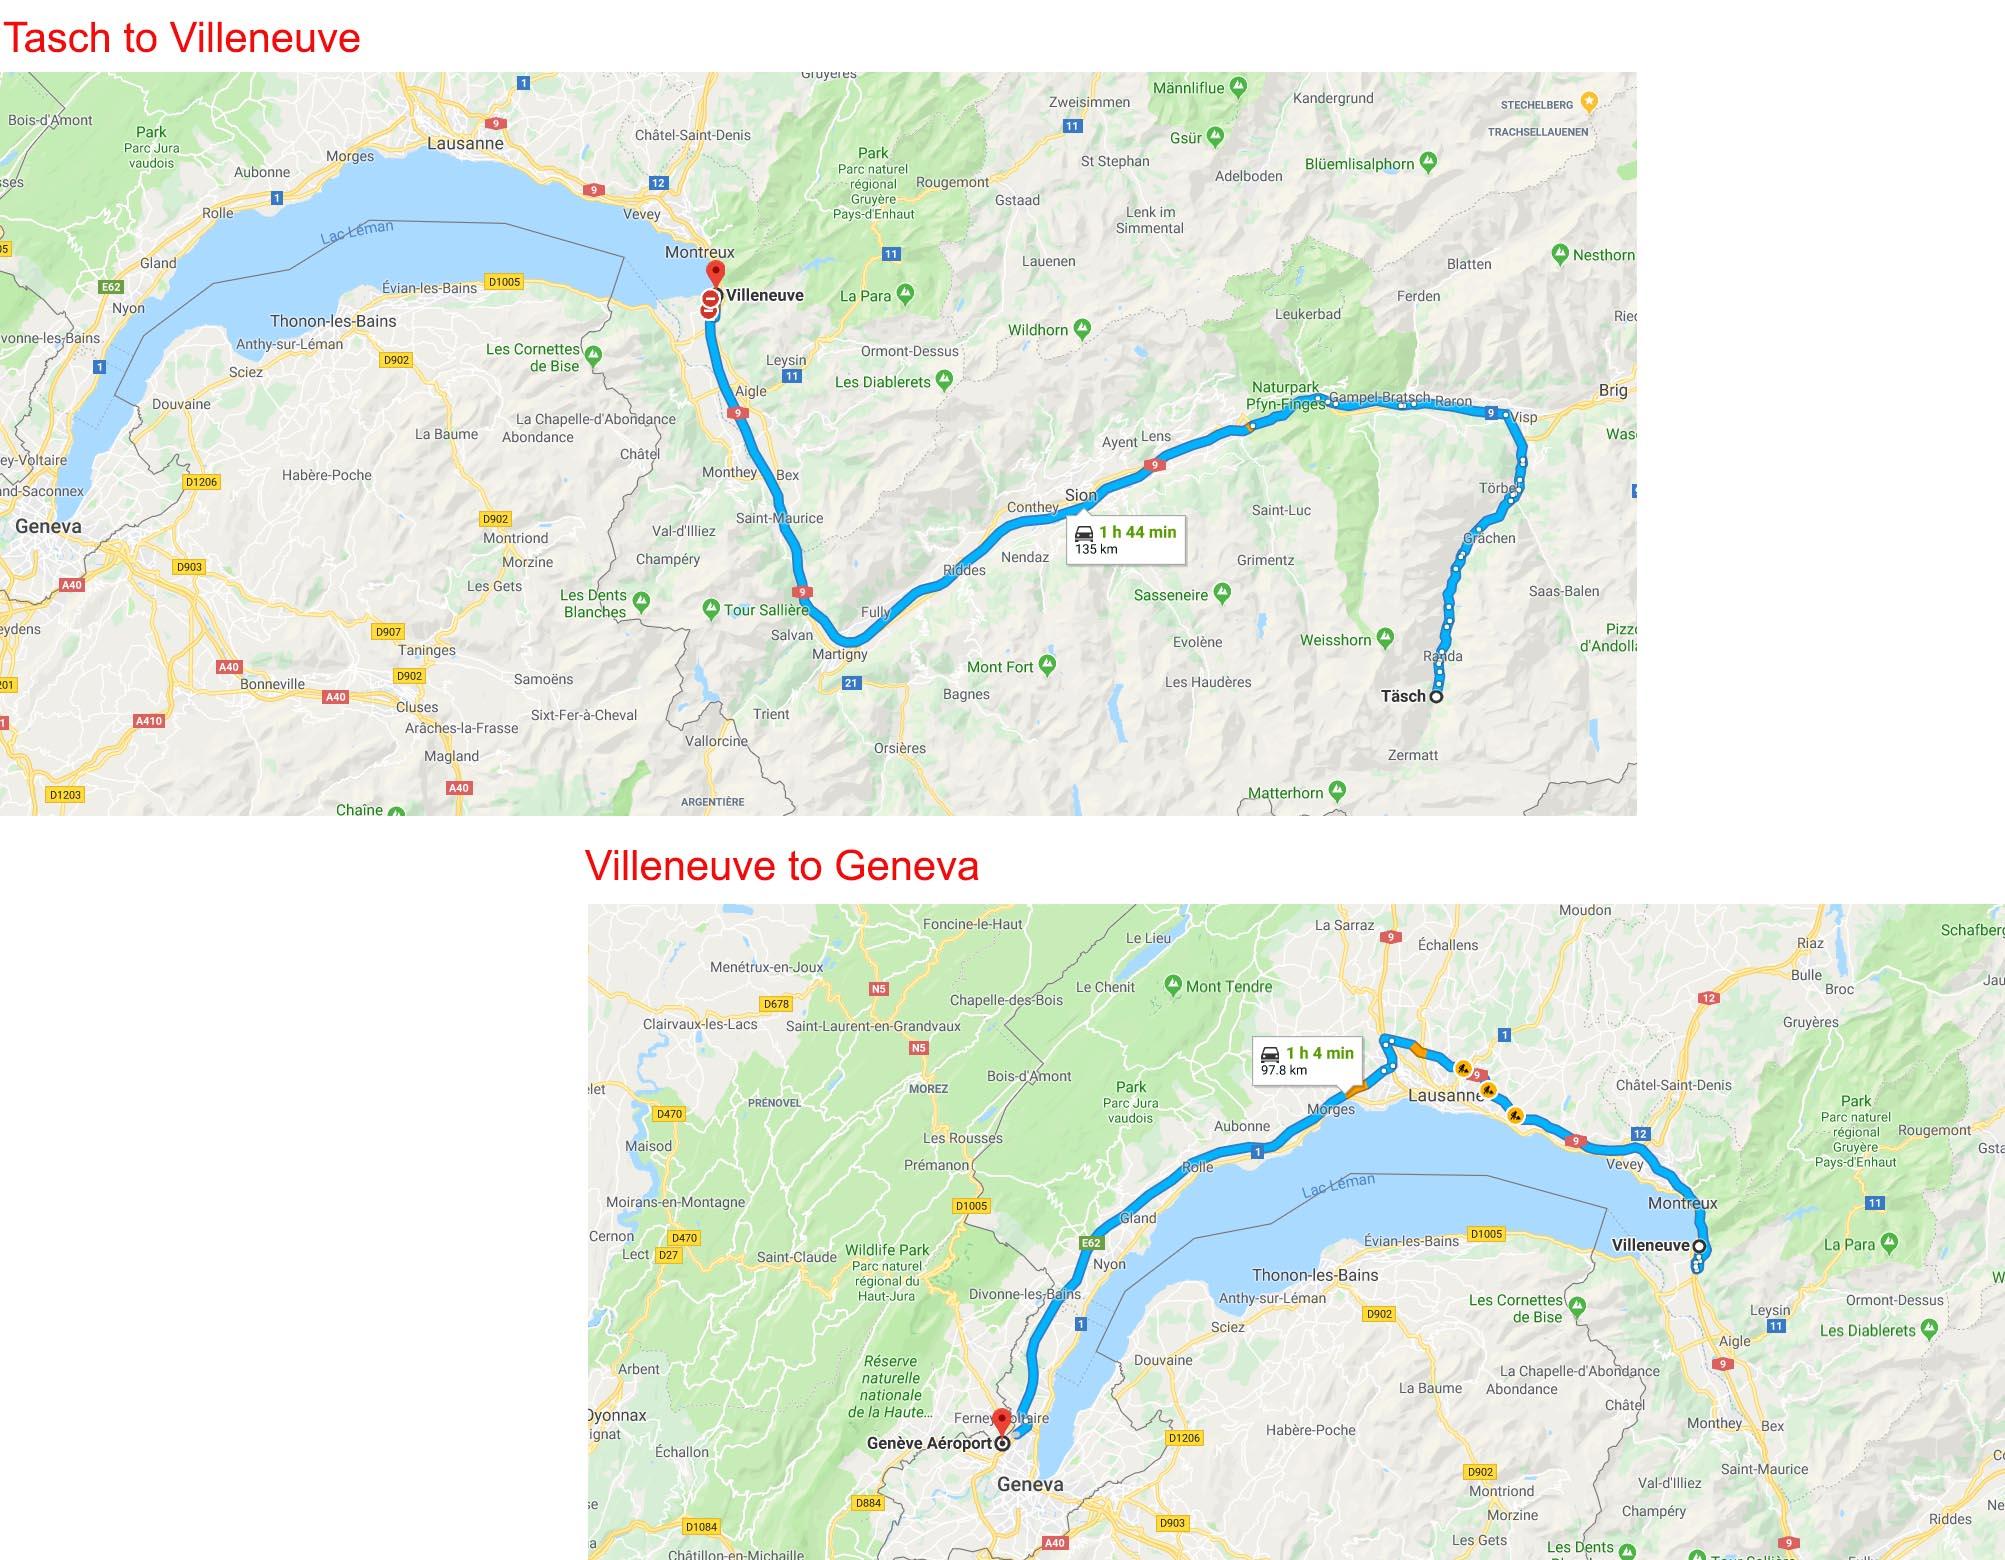 Tasch to Villeneuve to Geneva